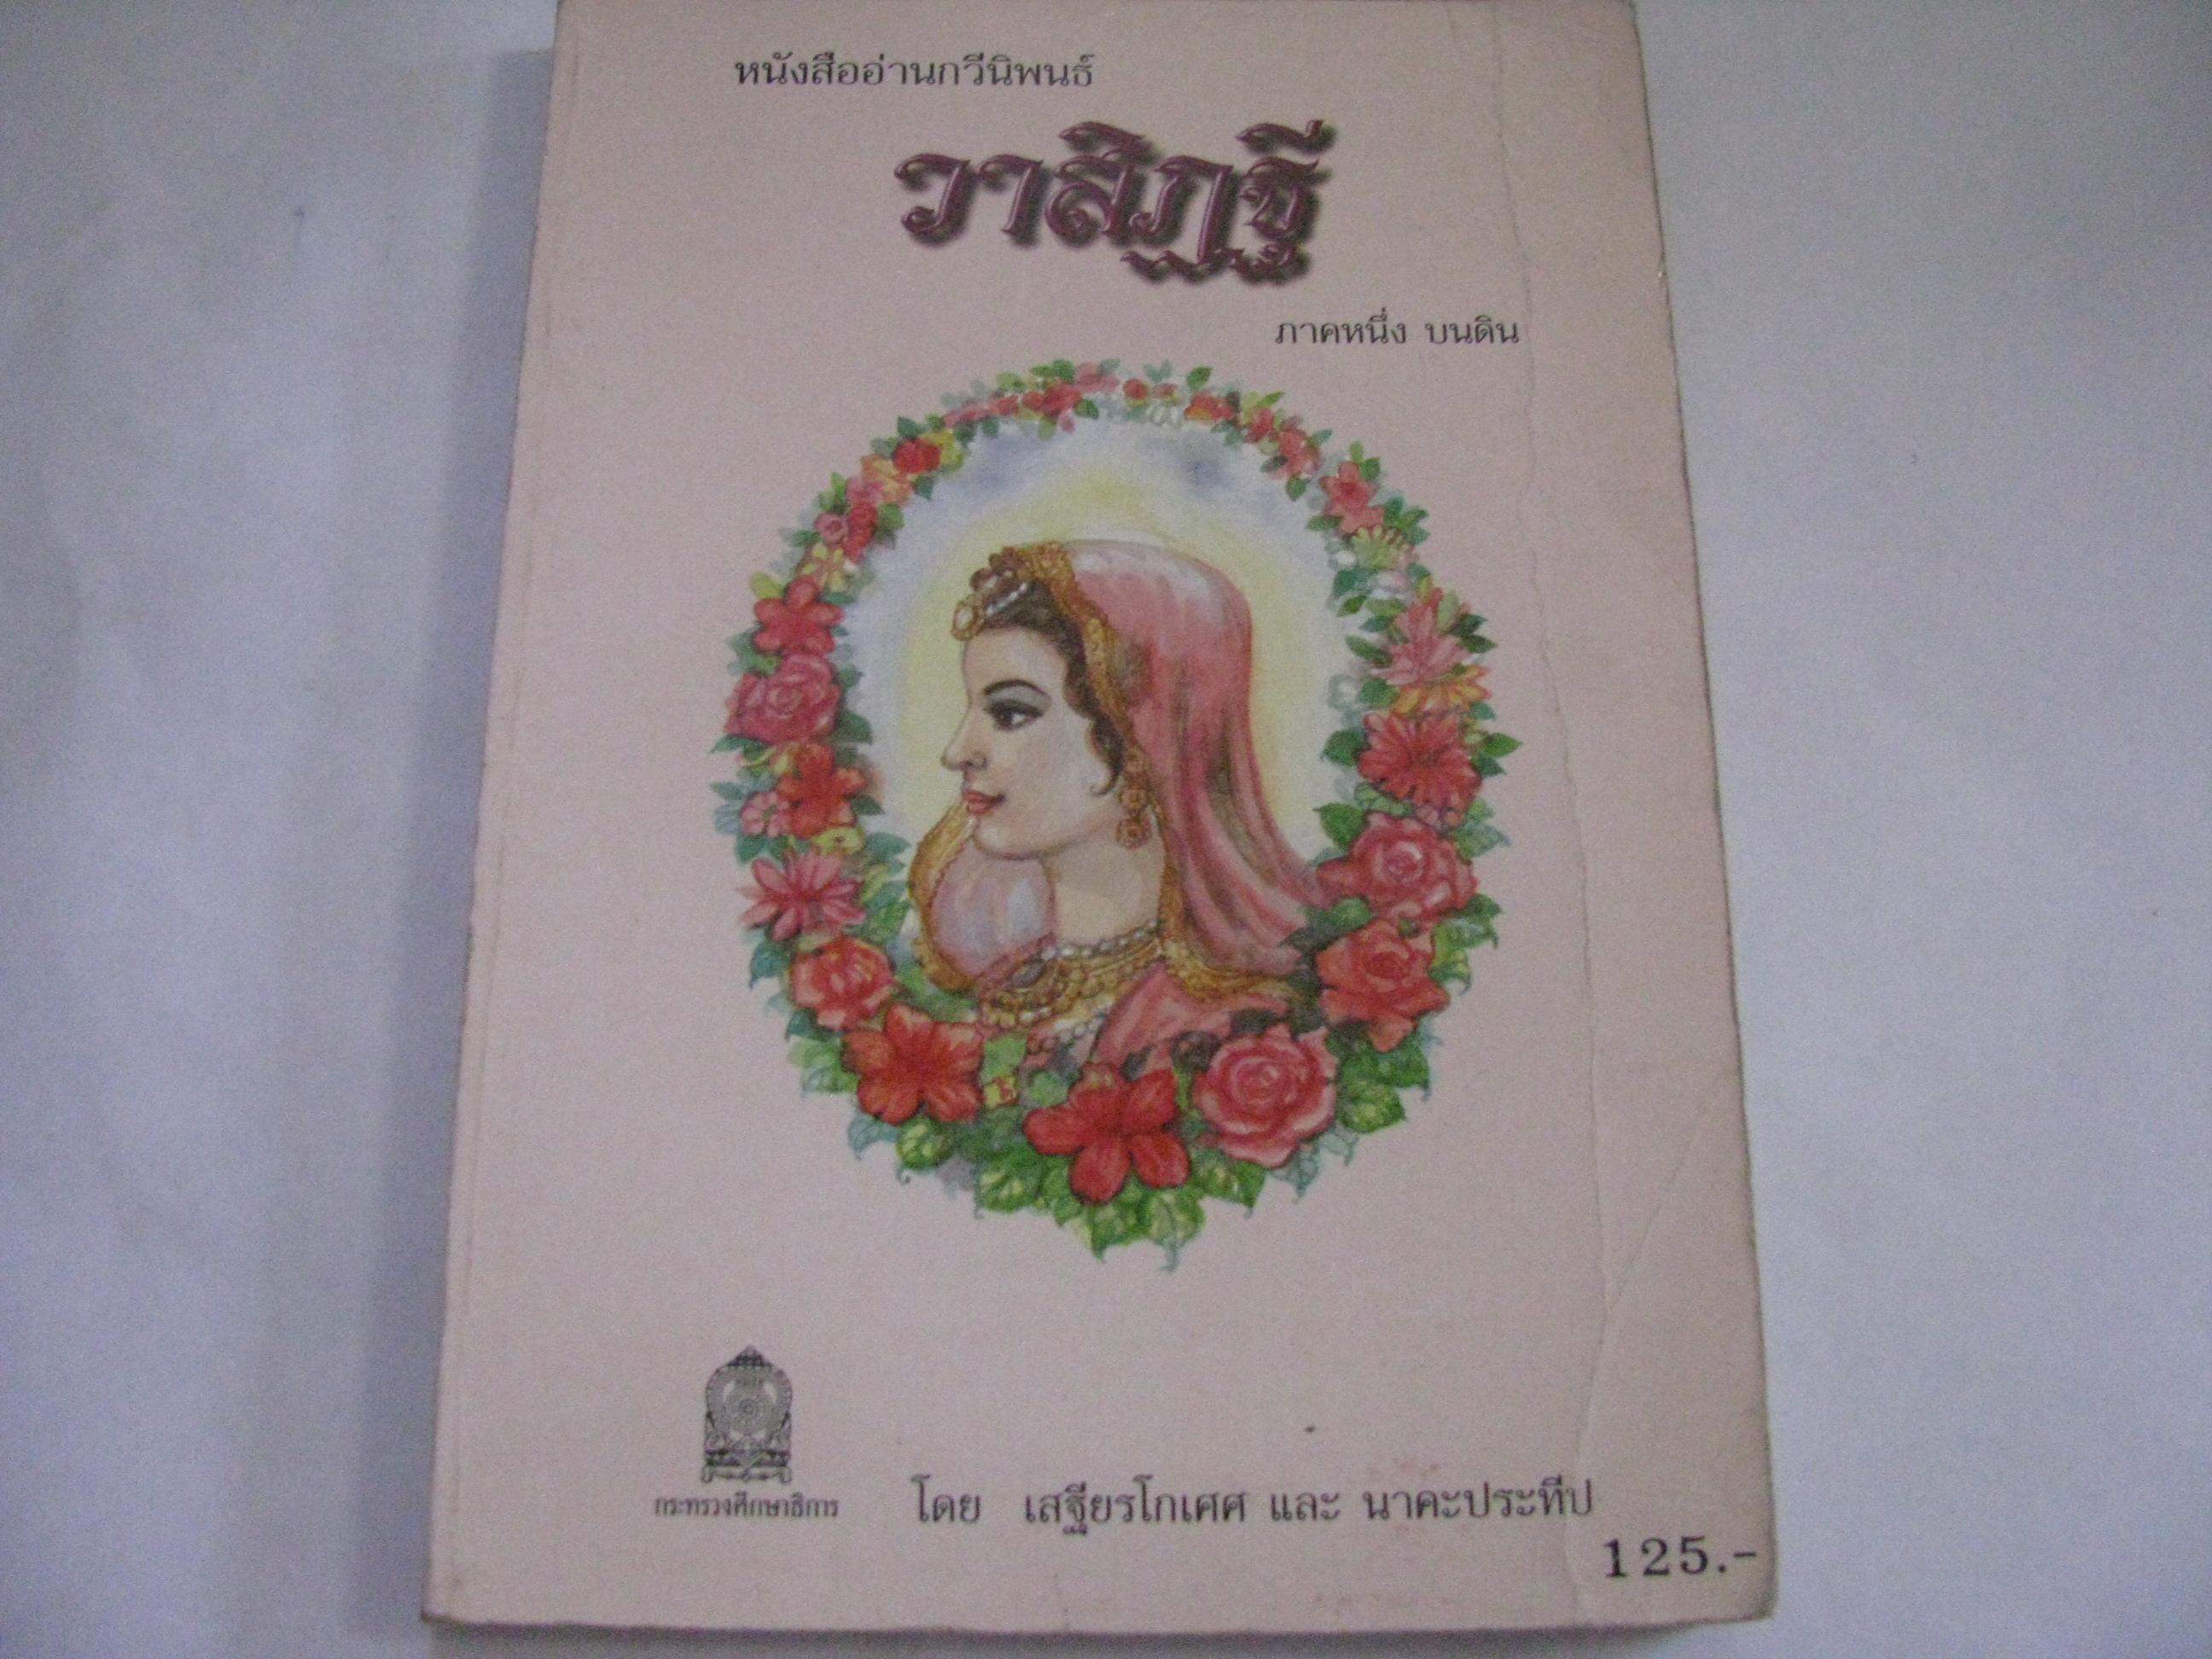 หนังสืออ่านกวีนิพนธ์ วาสิฎฐี ภาคหนึ่ง บนดิน พิมพ์ครั้งที่ 35 โดย เสฐียรโกเศศ และ นาคะประทีป